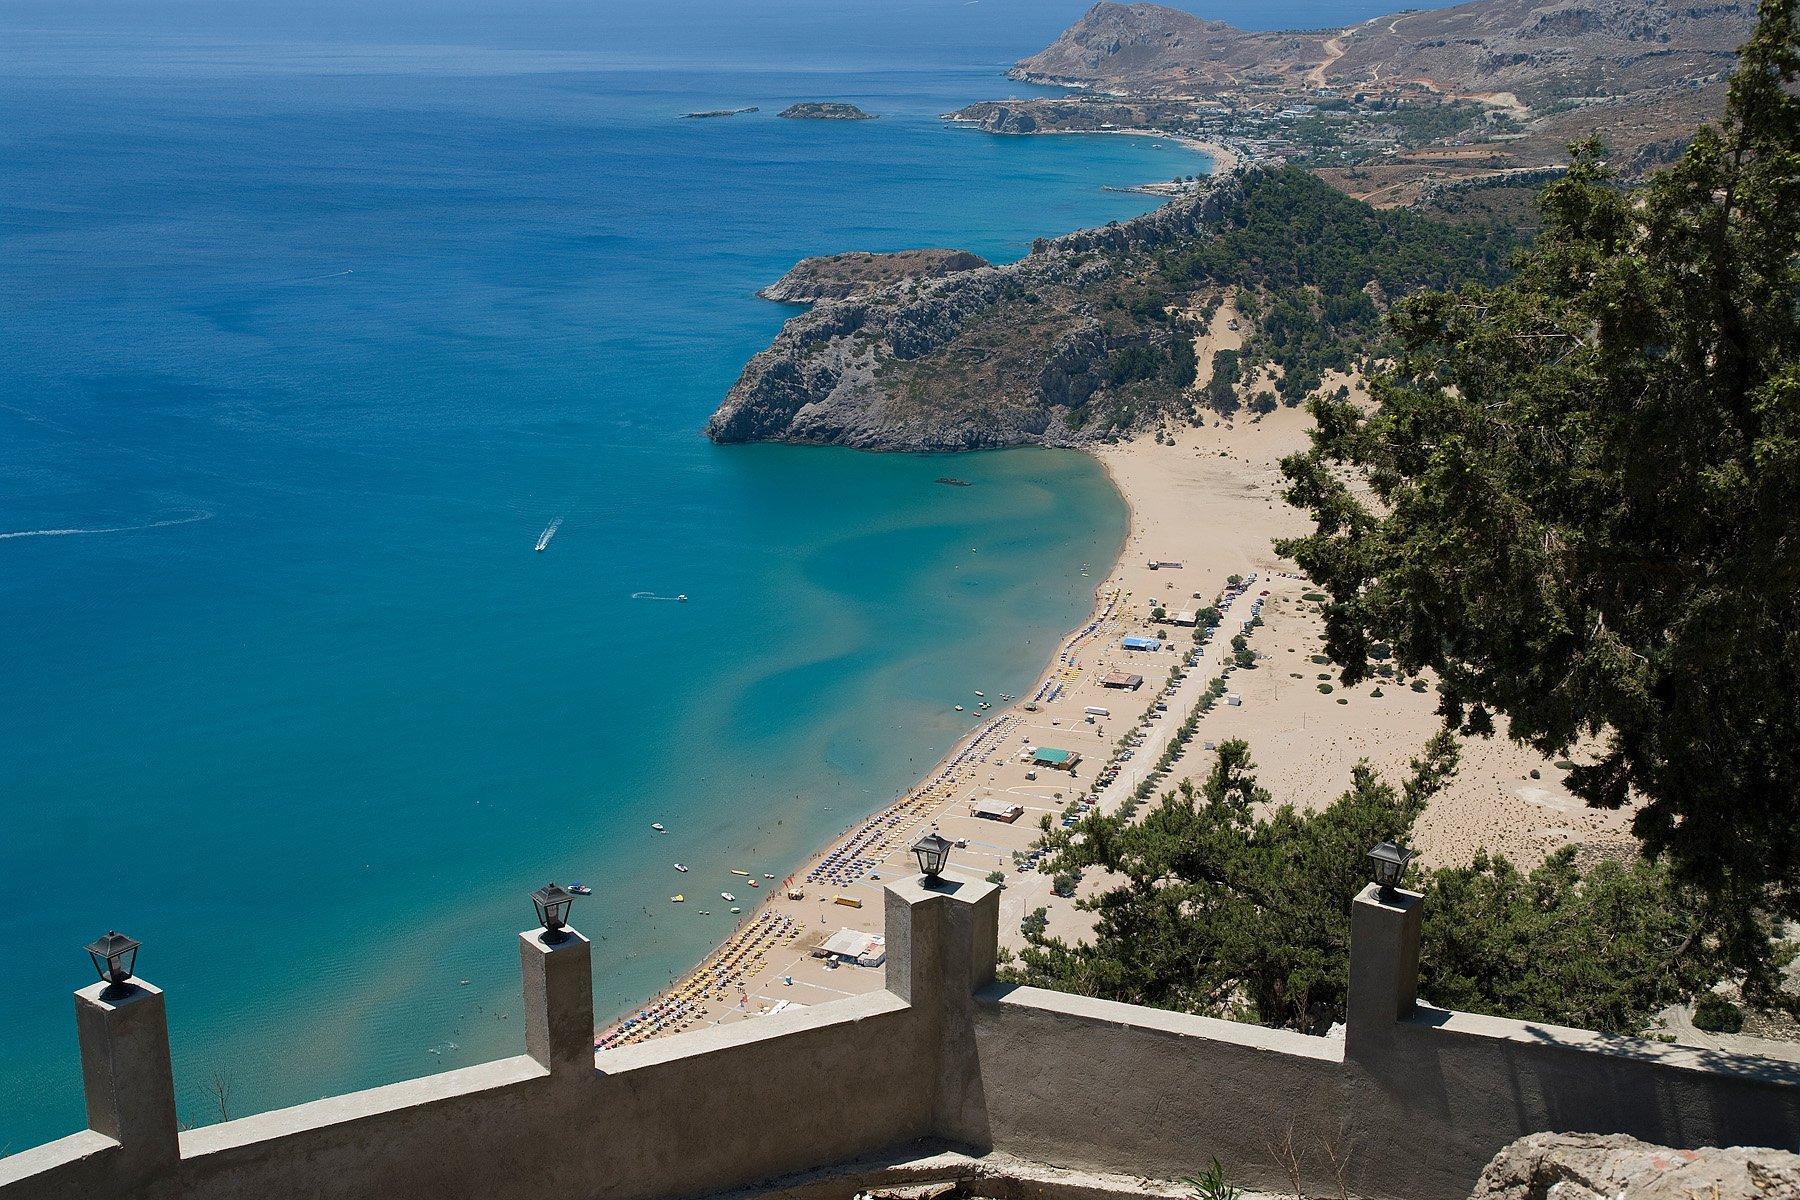 прозрачная вода и мелкий песок привлекают великолепием в обрамлении яркой зелени